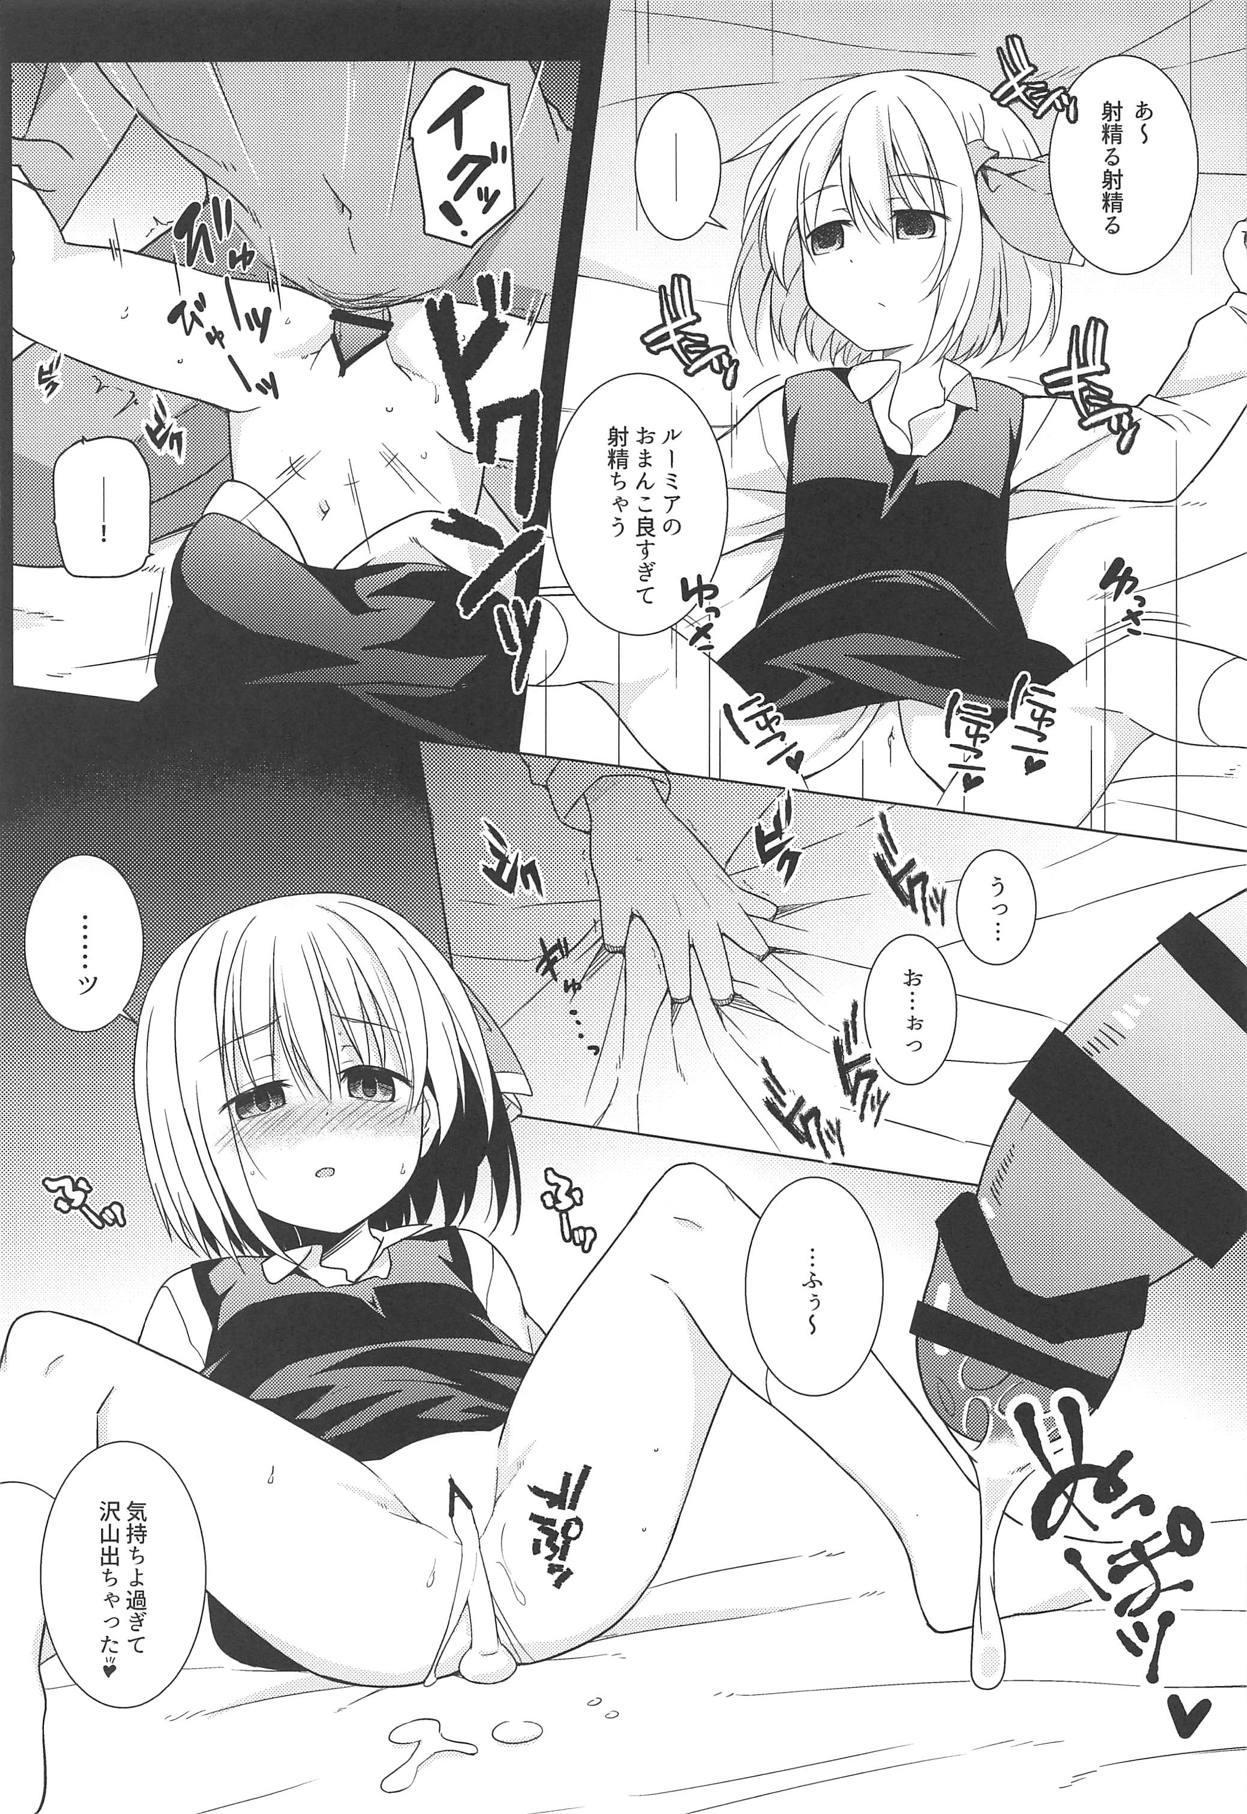 Kimi wa Ore no Cos Uriko Nin 12